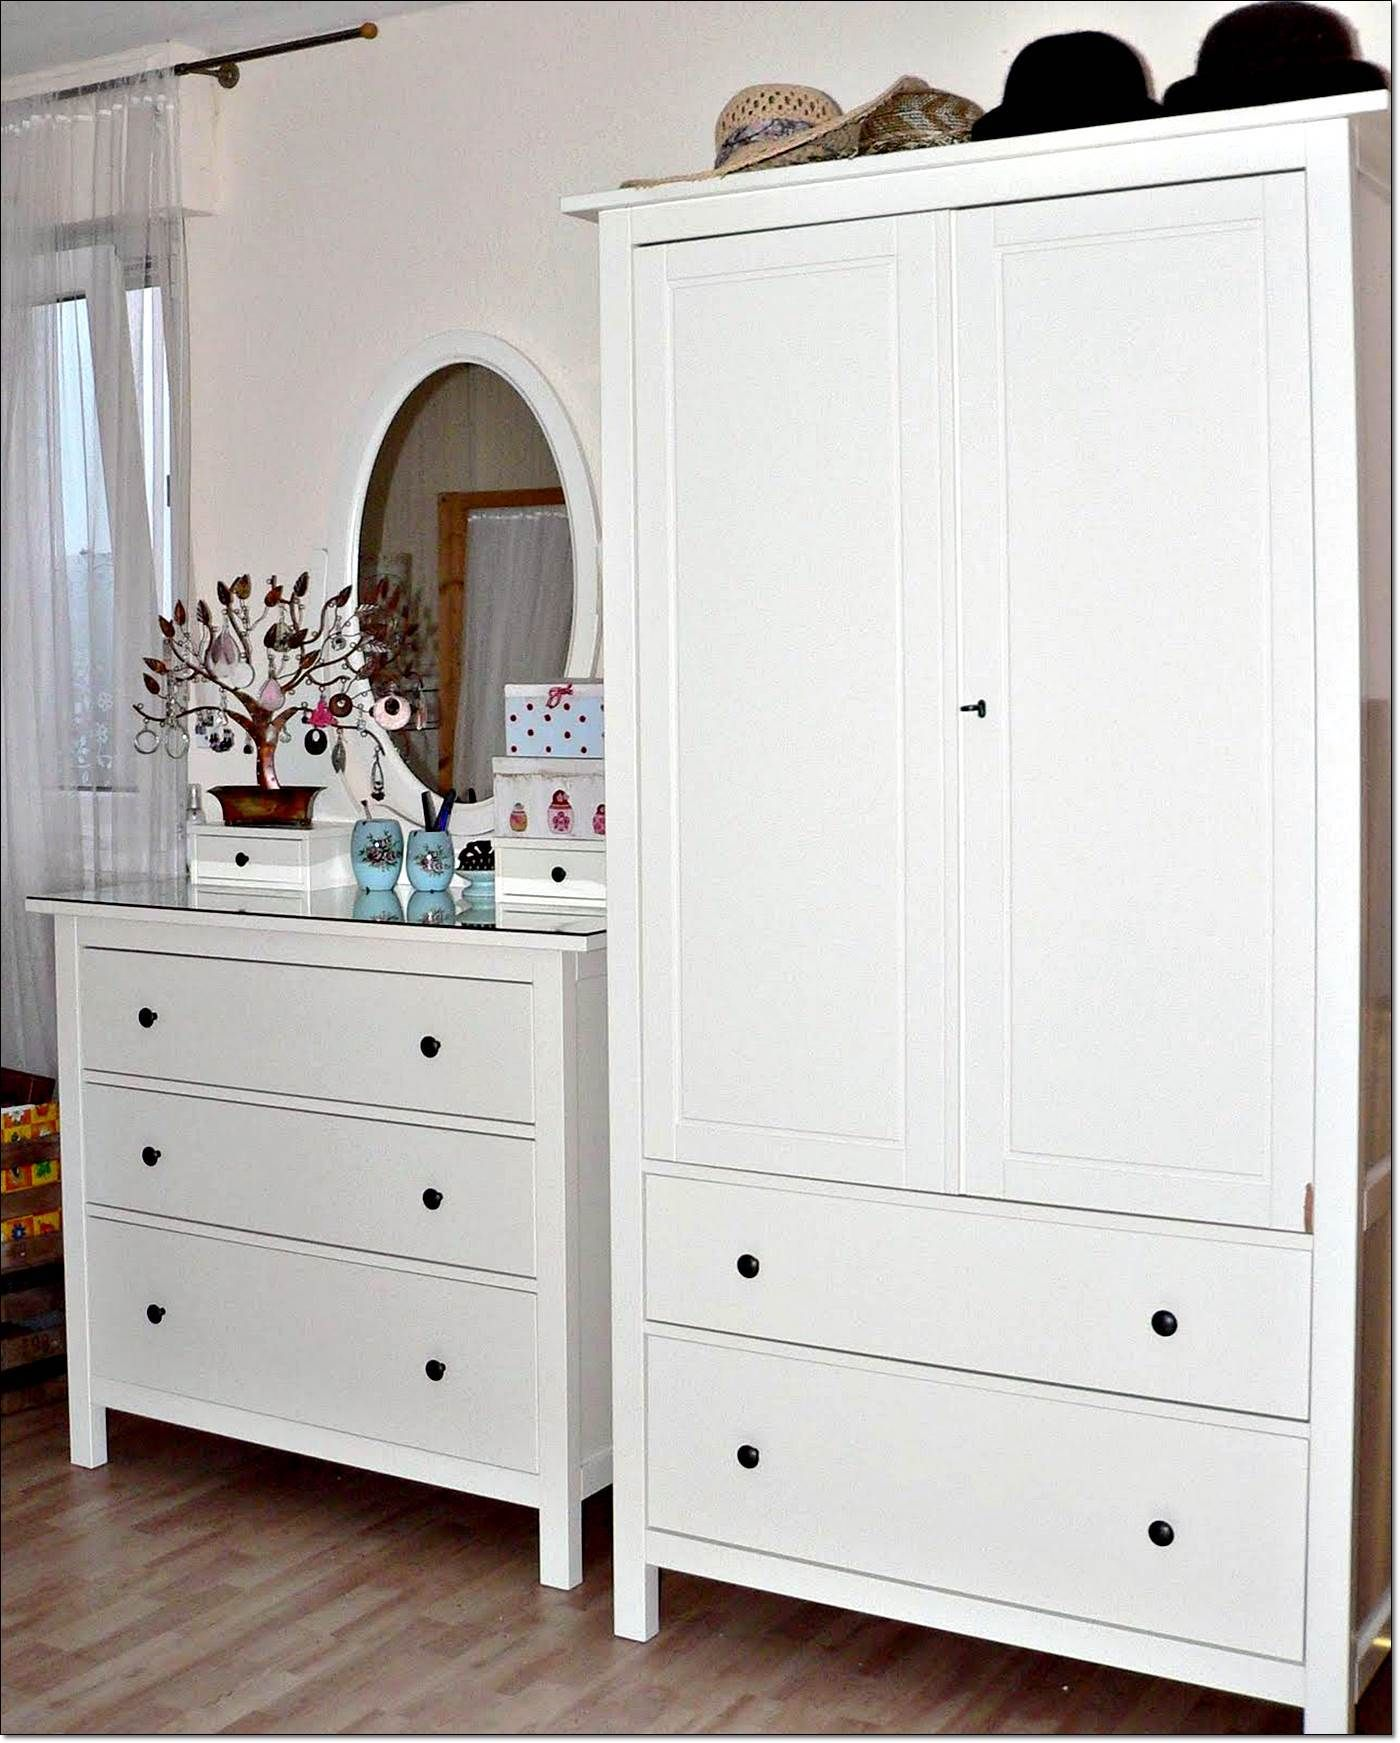 Full Size of Ikea Schlafzimmer Schrnke Mbel Elegant Komplett Günstig Günstige Bad Unterschränke Luxus Deckenleuchte Lampe Komplettes Poco Komplettangebote Led Set Schlafzimmer Schlafzimmer Schränke